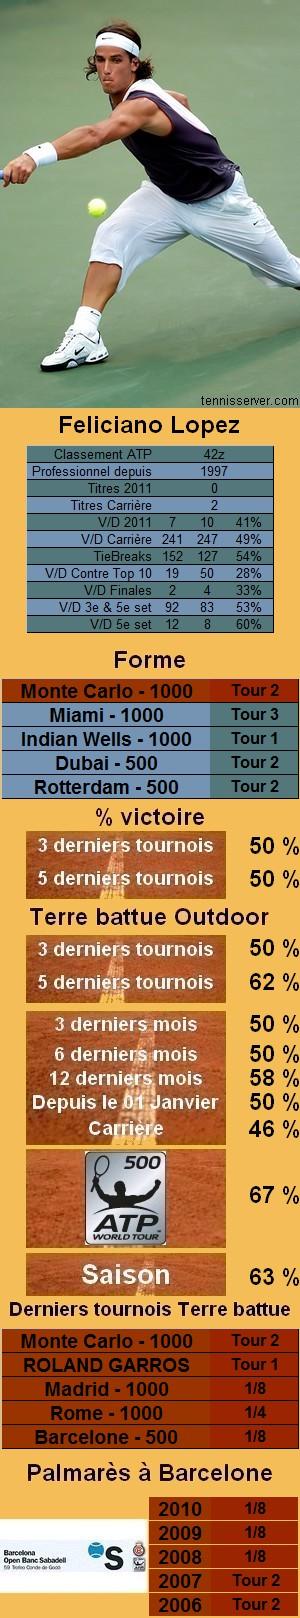 Les statistiques tennis de Feliciano Lopez pour le tournoi de Barcelone